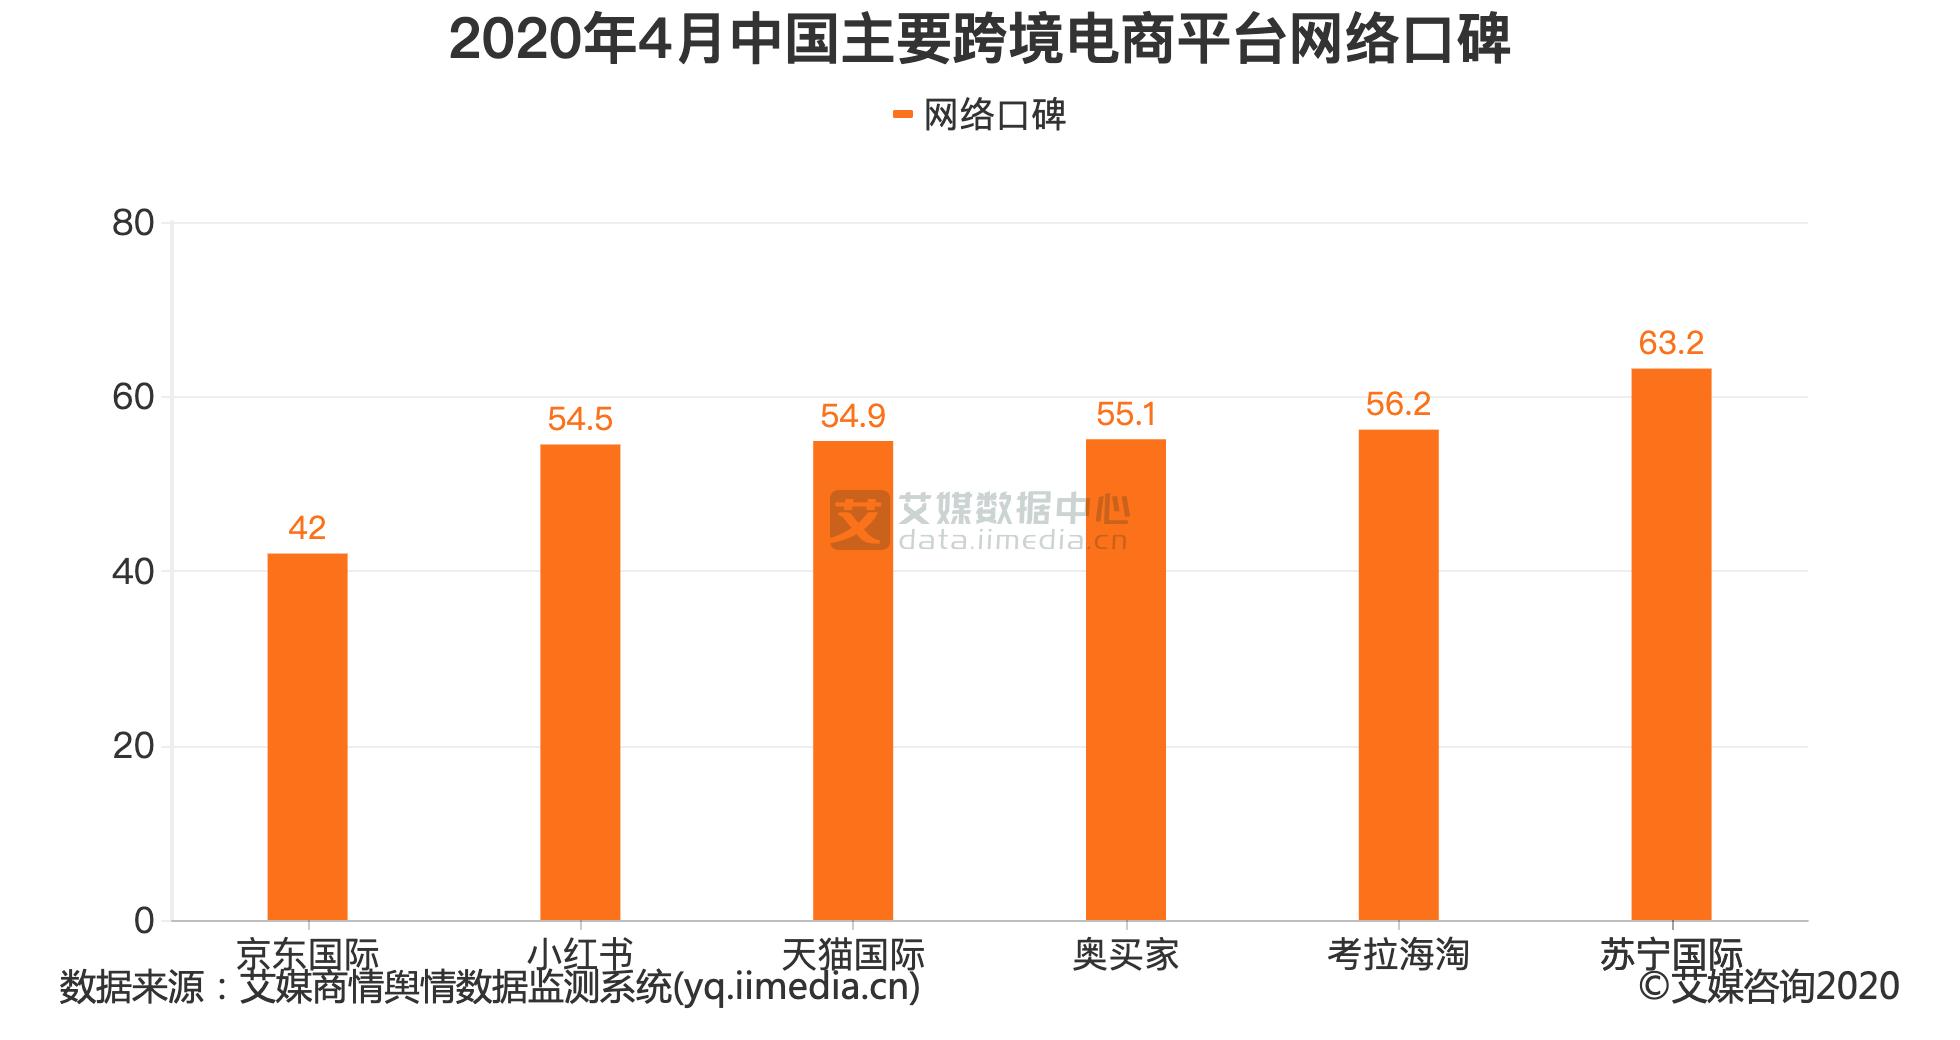 2020年4月中国主要跨境电商平台网络口碑